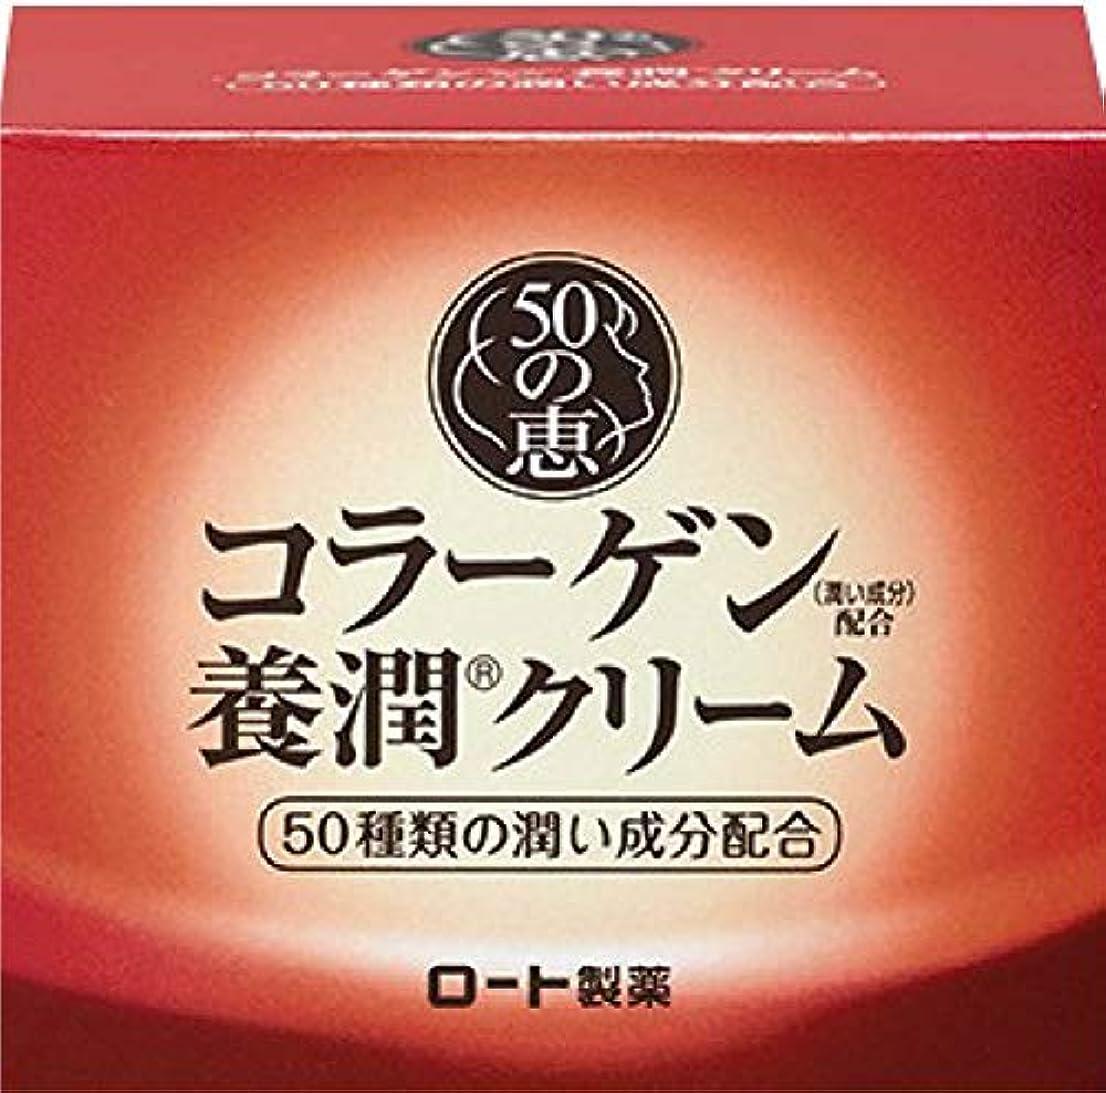 パラメータコーンウォール中世のロート製薬 50の恵エイジングケア 養潤成分50種類配合 クリーム 90g